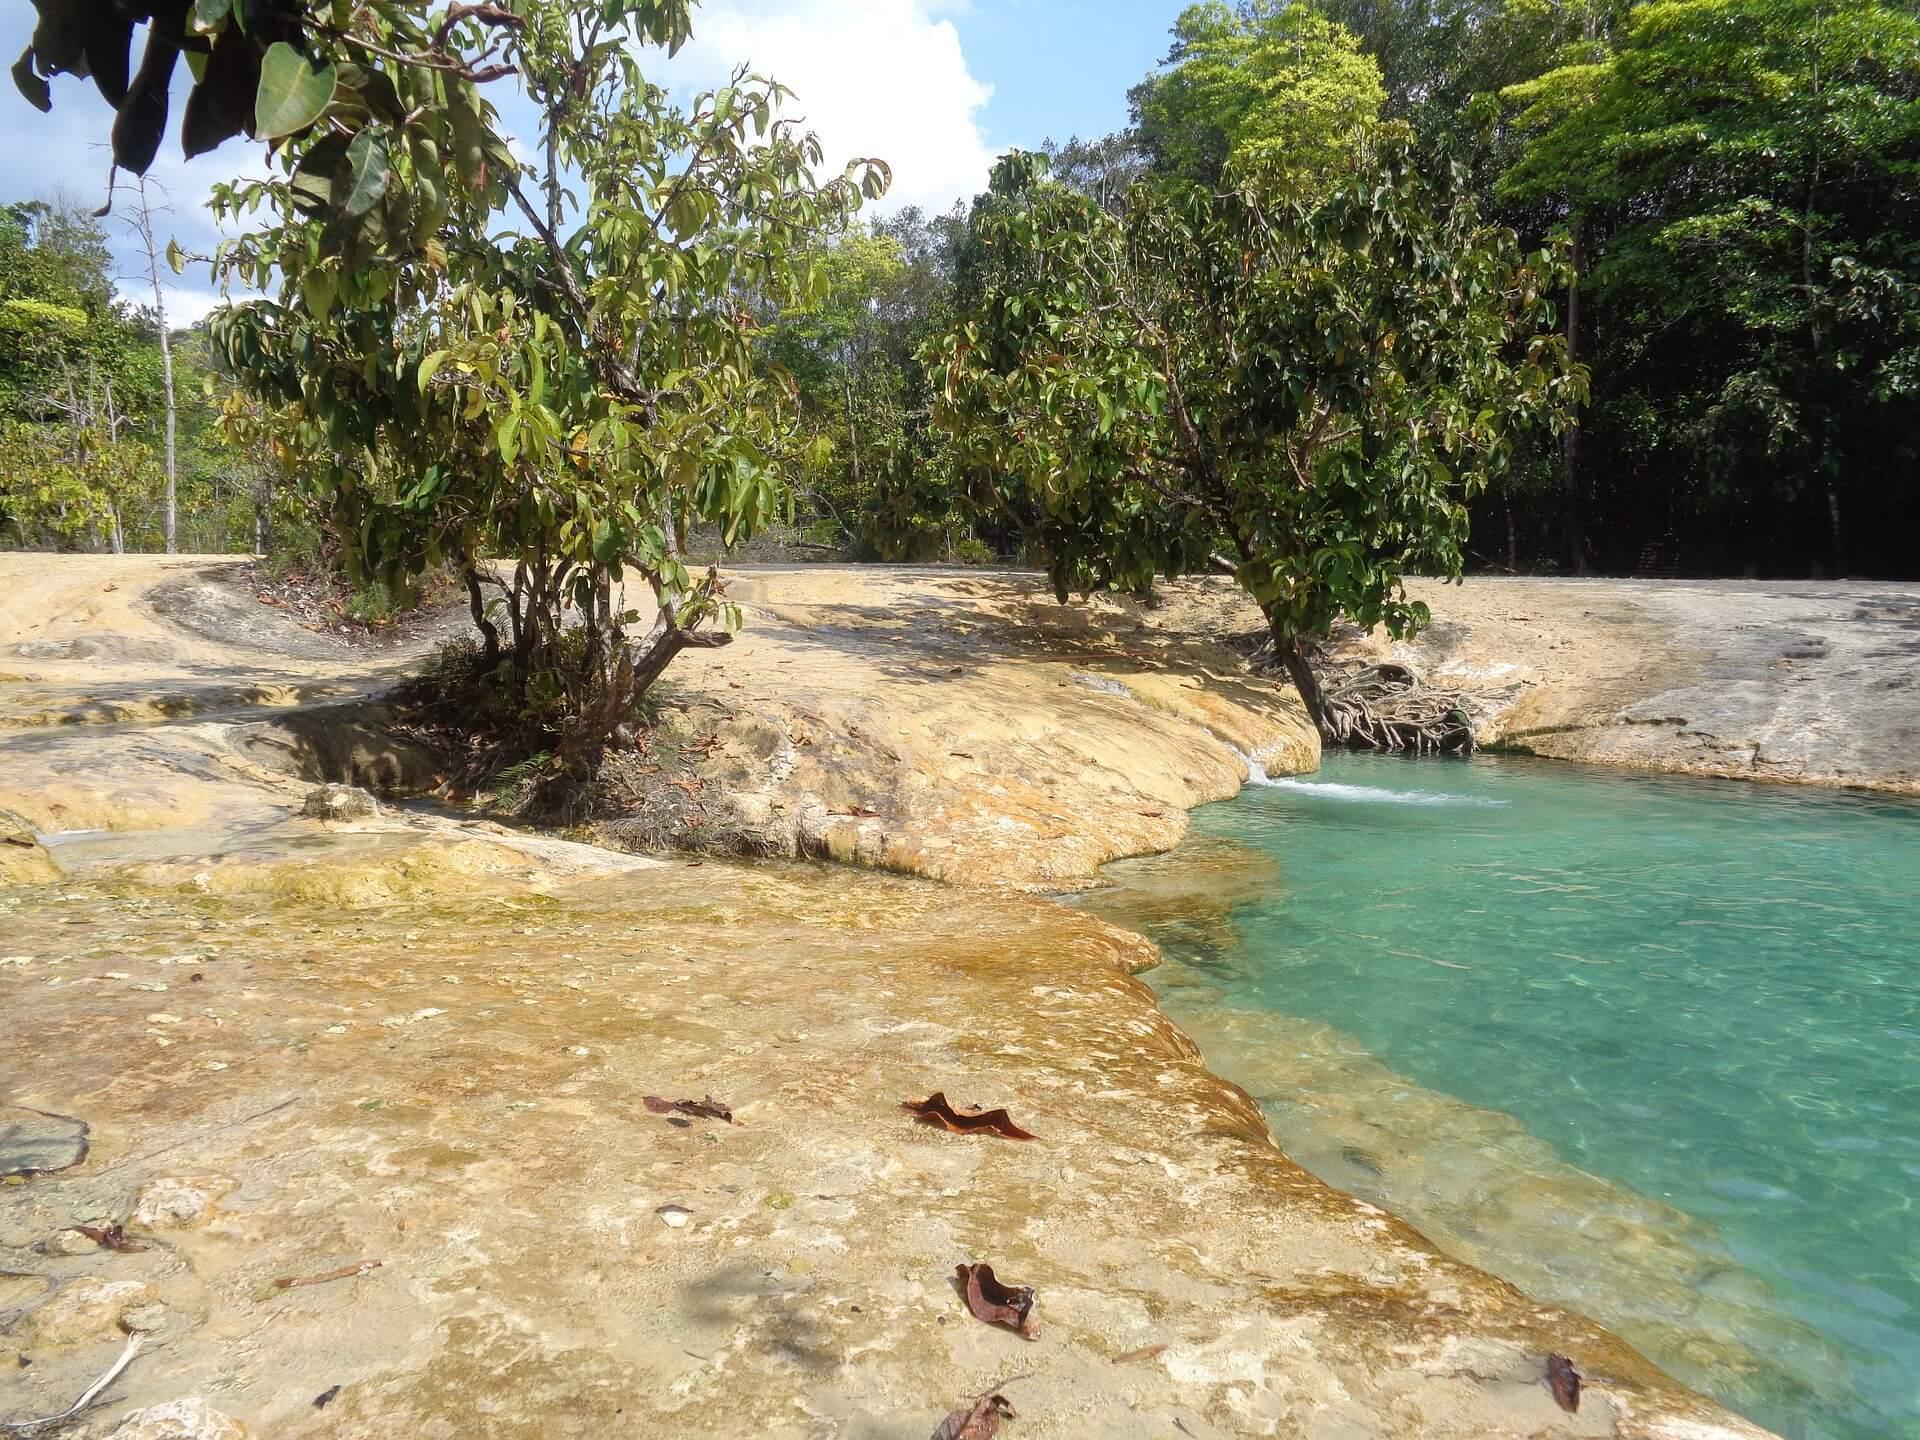 The Emerald Pool, Krabi